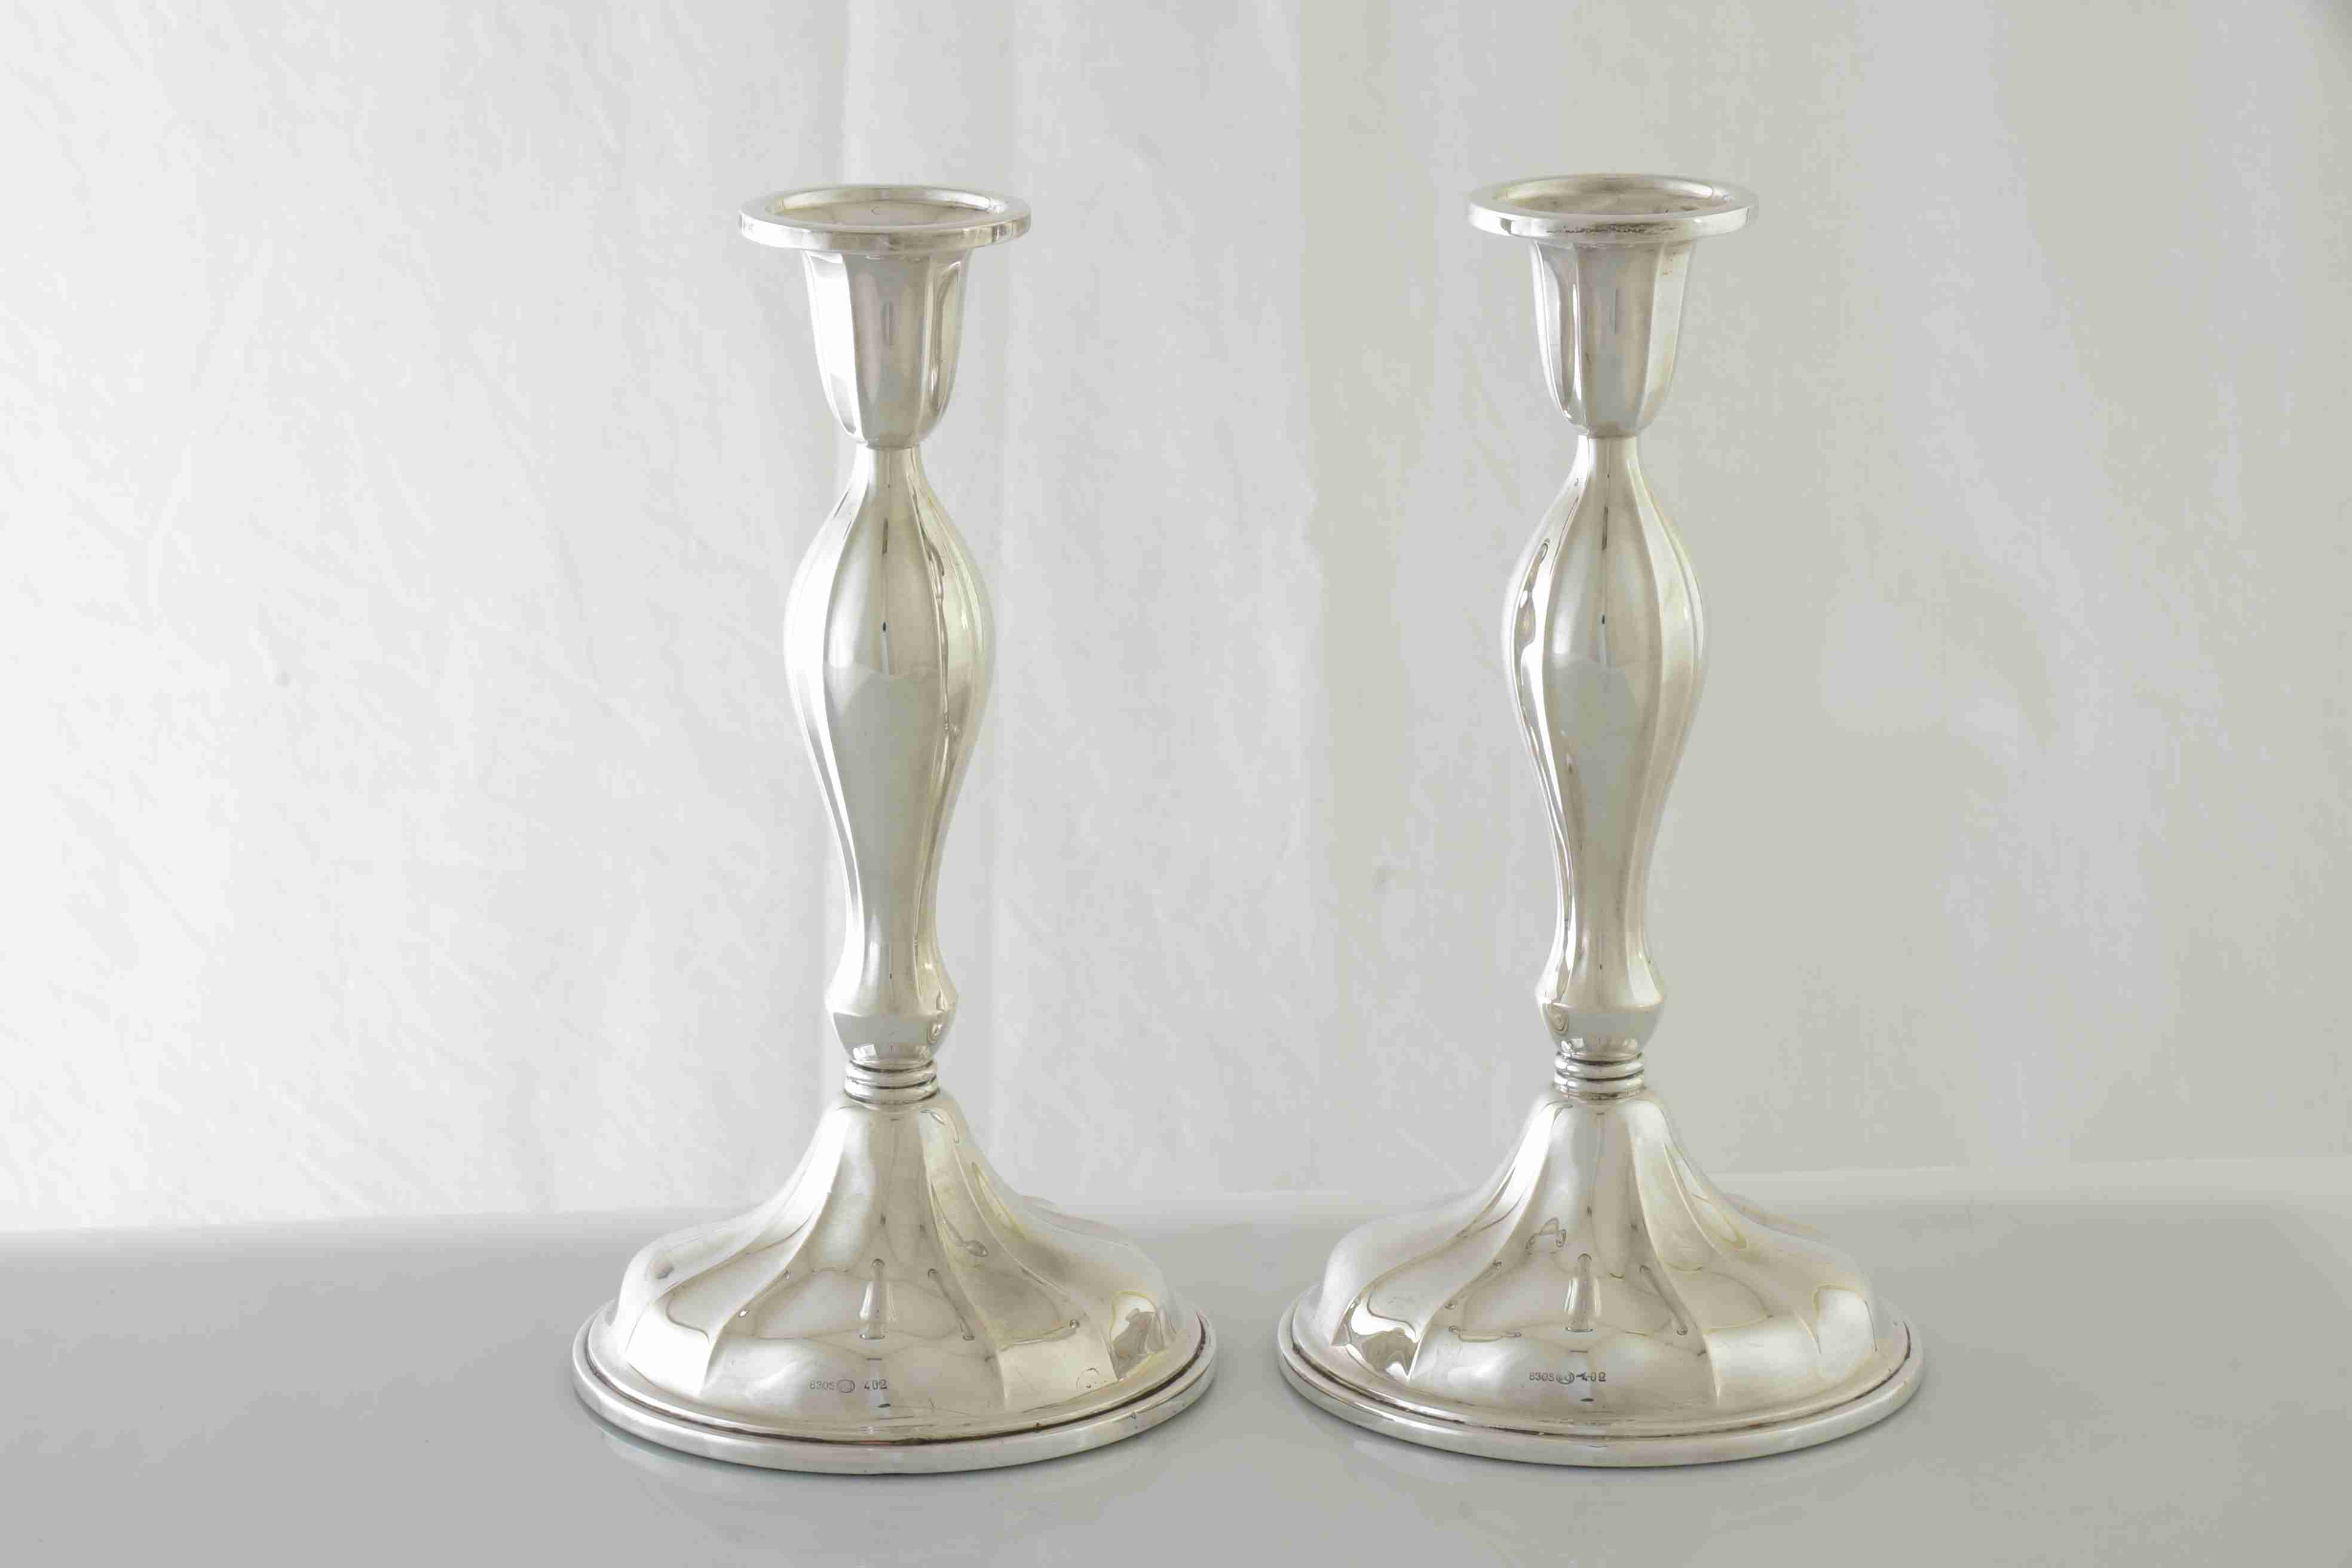 Opprinnelig 014 Par sølv lysestaker, 830S Th.Martinsen Tønsberg, H=18,5cm, Ø=10cm. DB-37